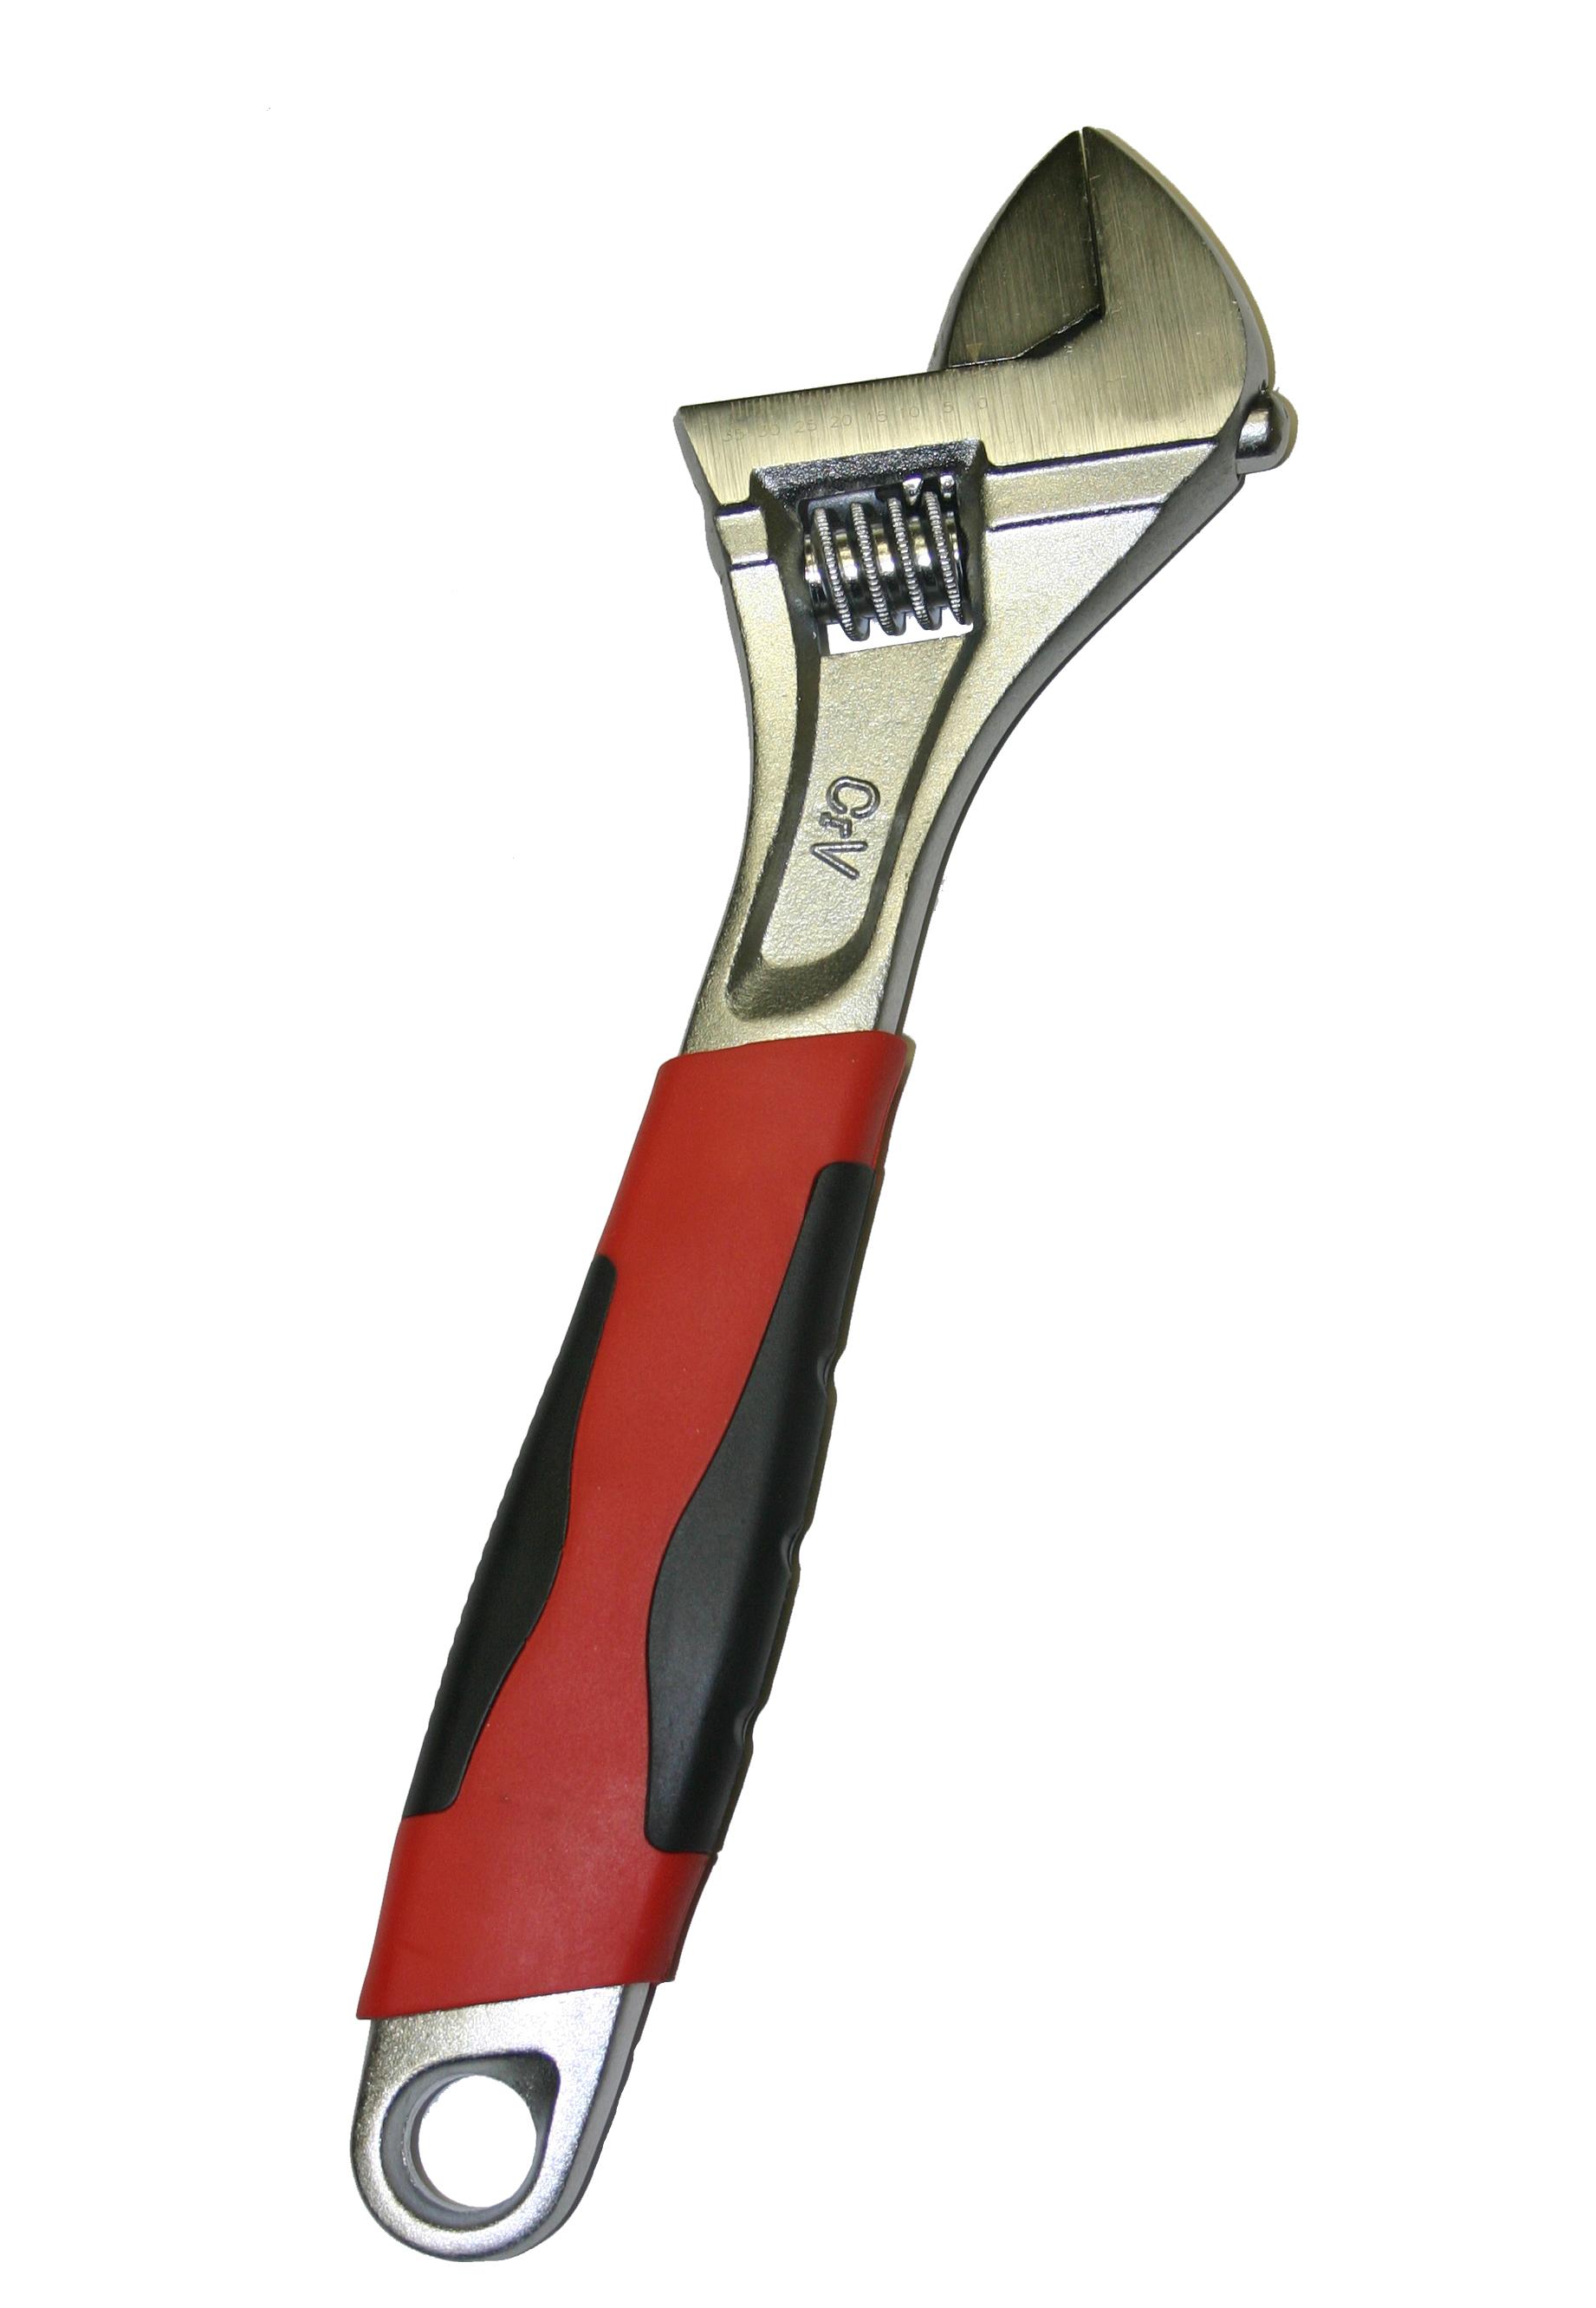 Adjustable Wrenchs